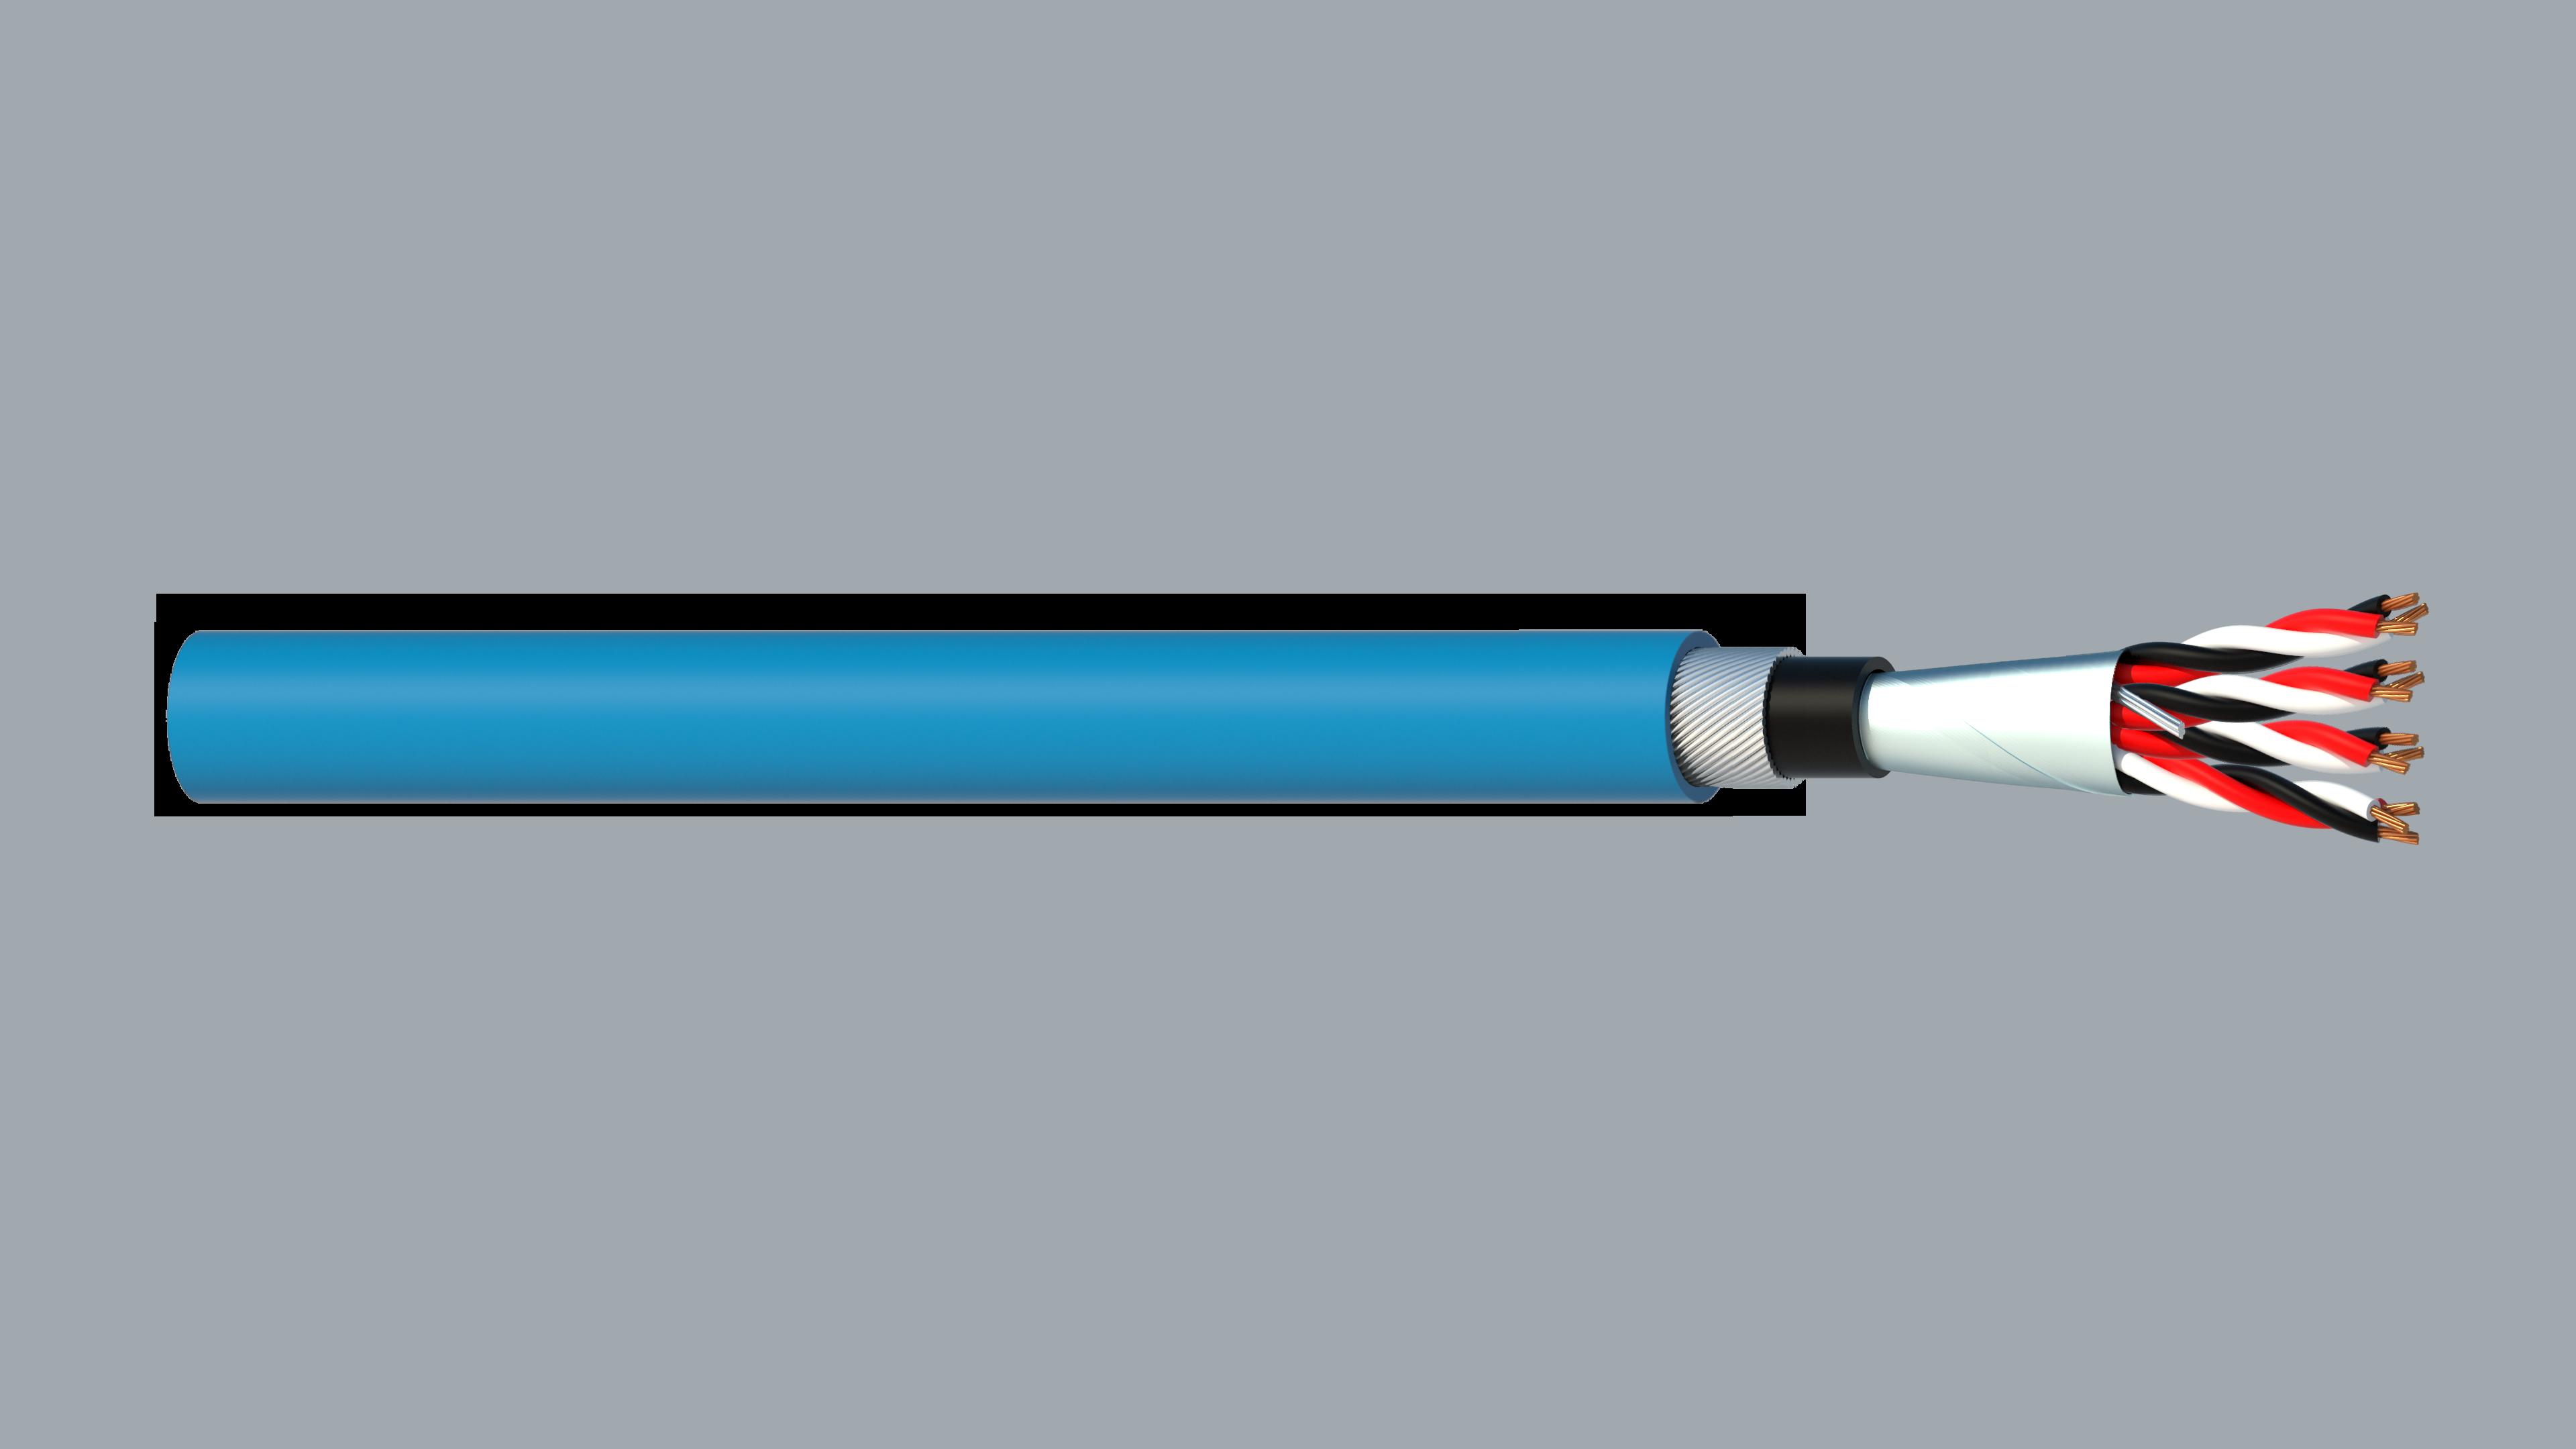 4 Triad 0.5mm2 Cu/PVC/OS/PVC/SWA/PVC Maser Instrumentation Cable - Blue Sheath